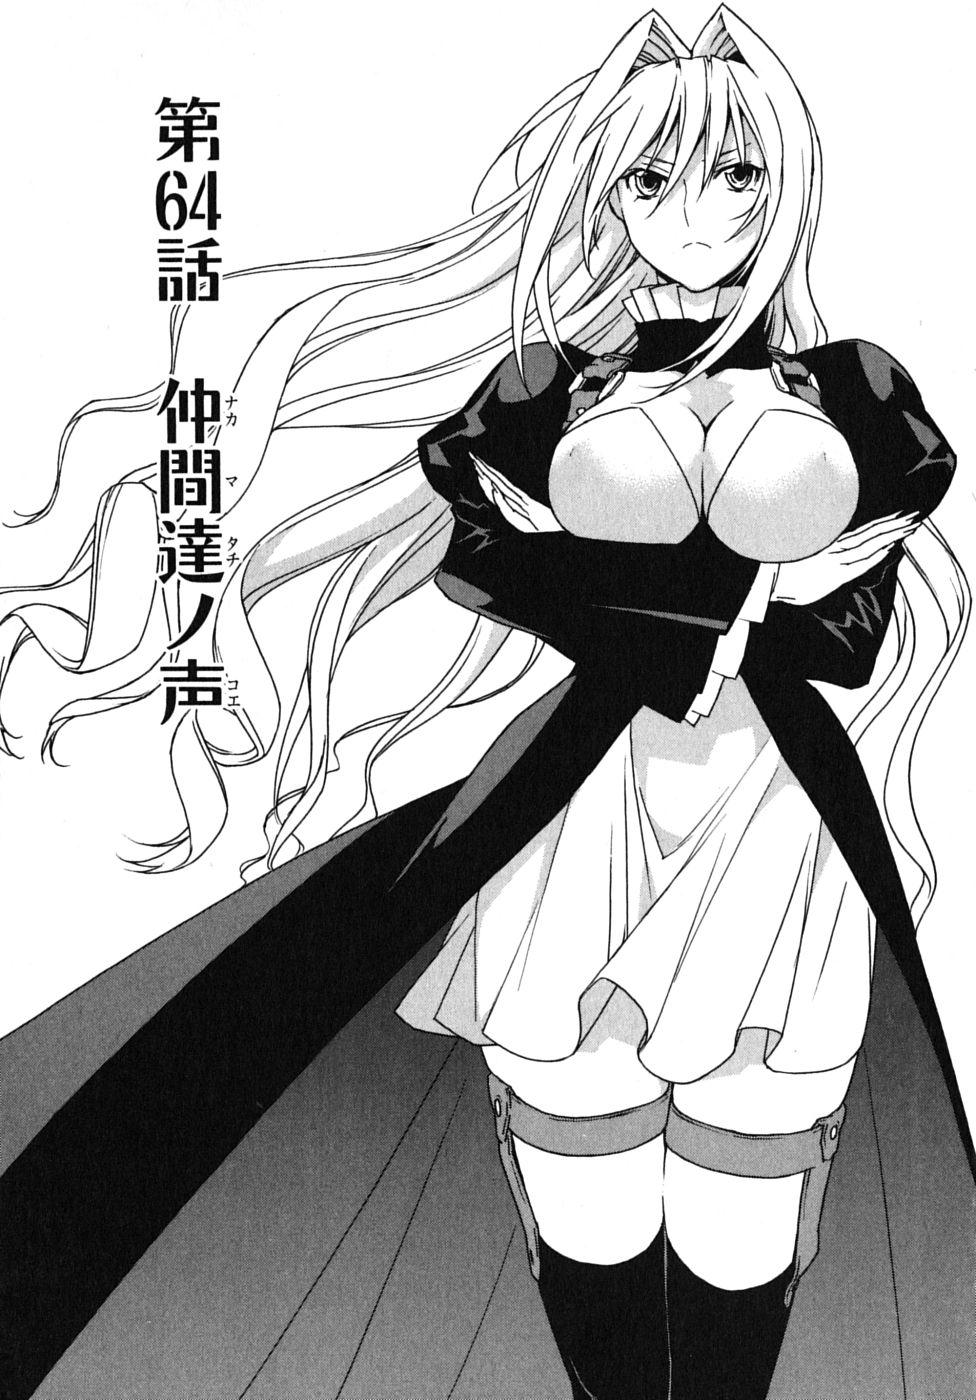 Sekirei manga chapter 064.jpg